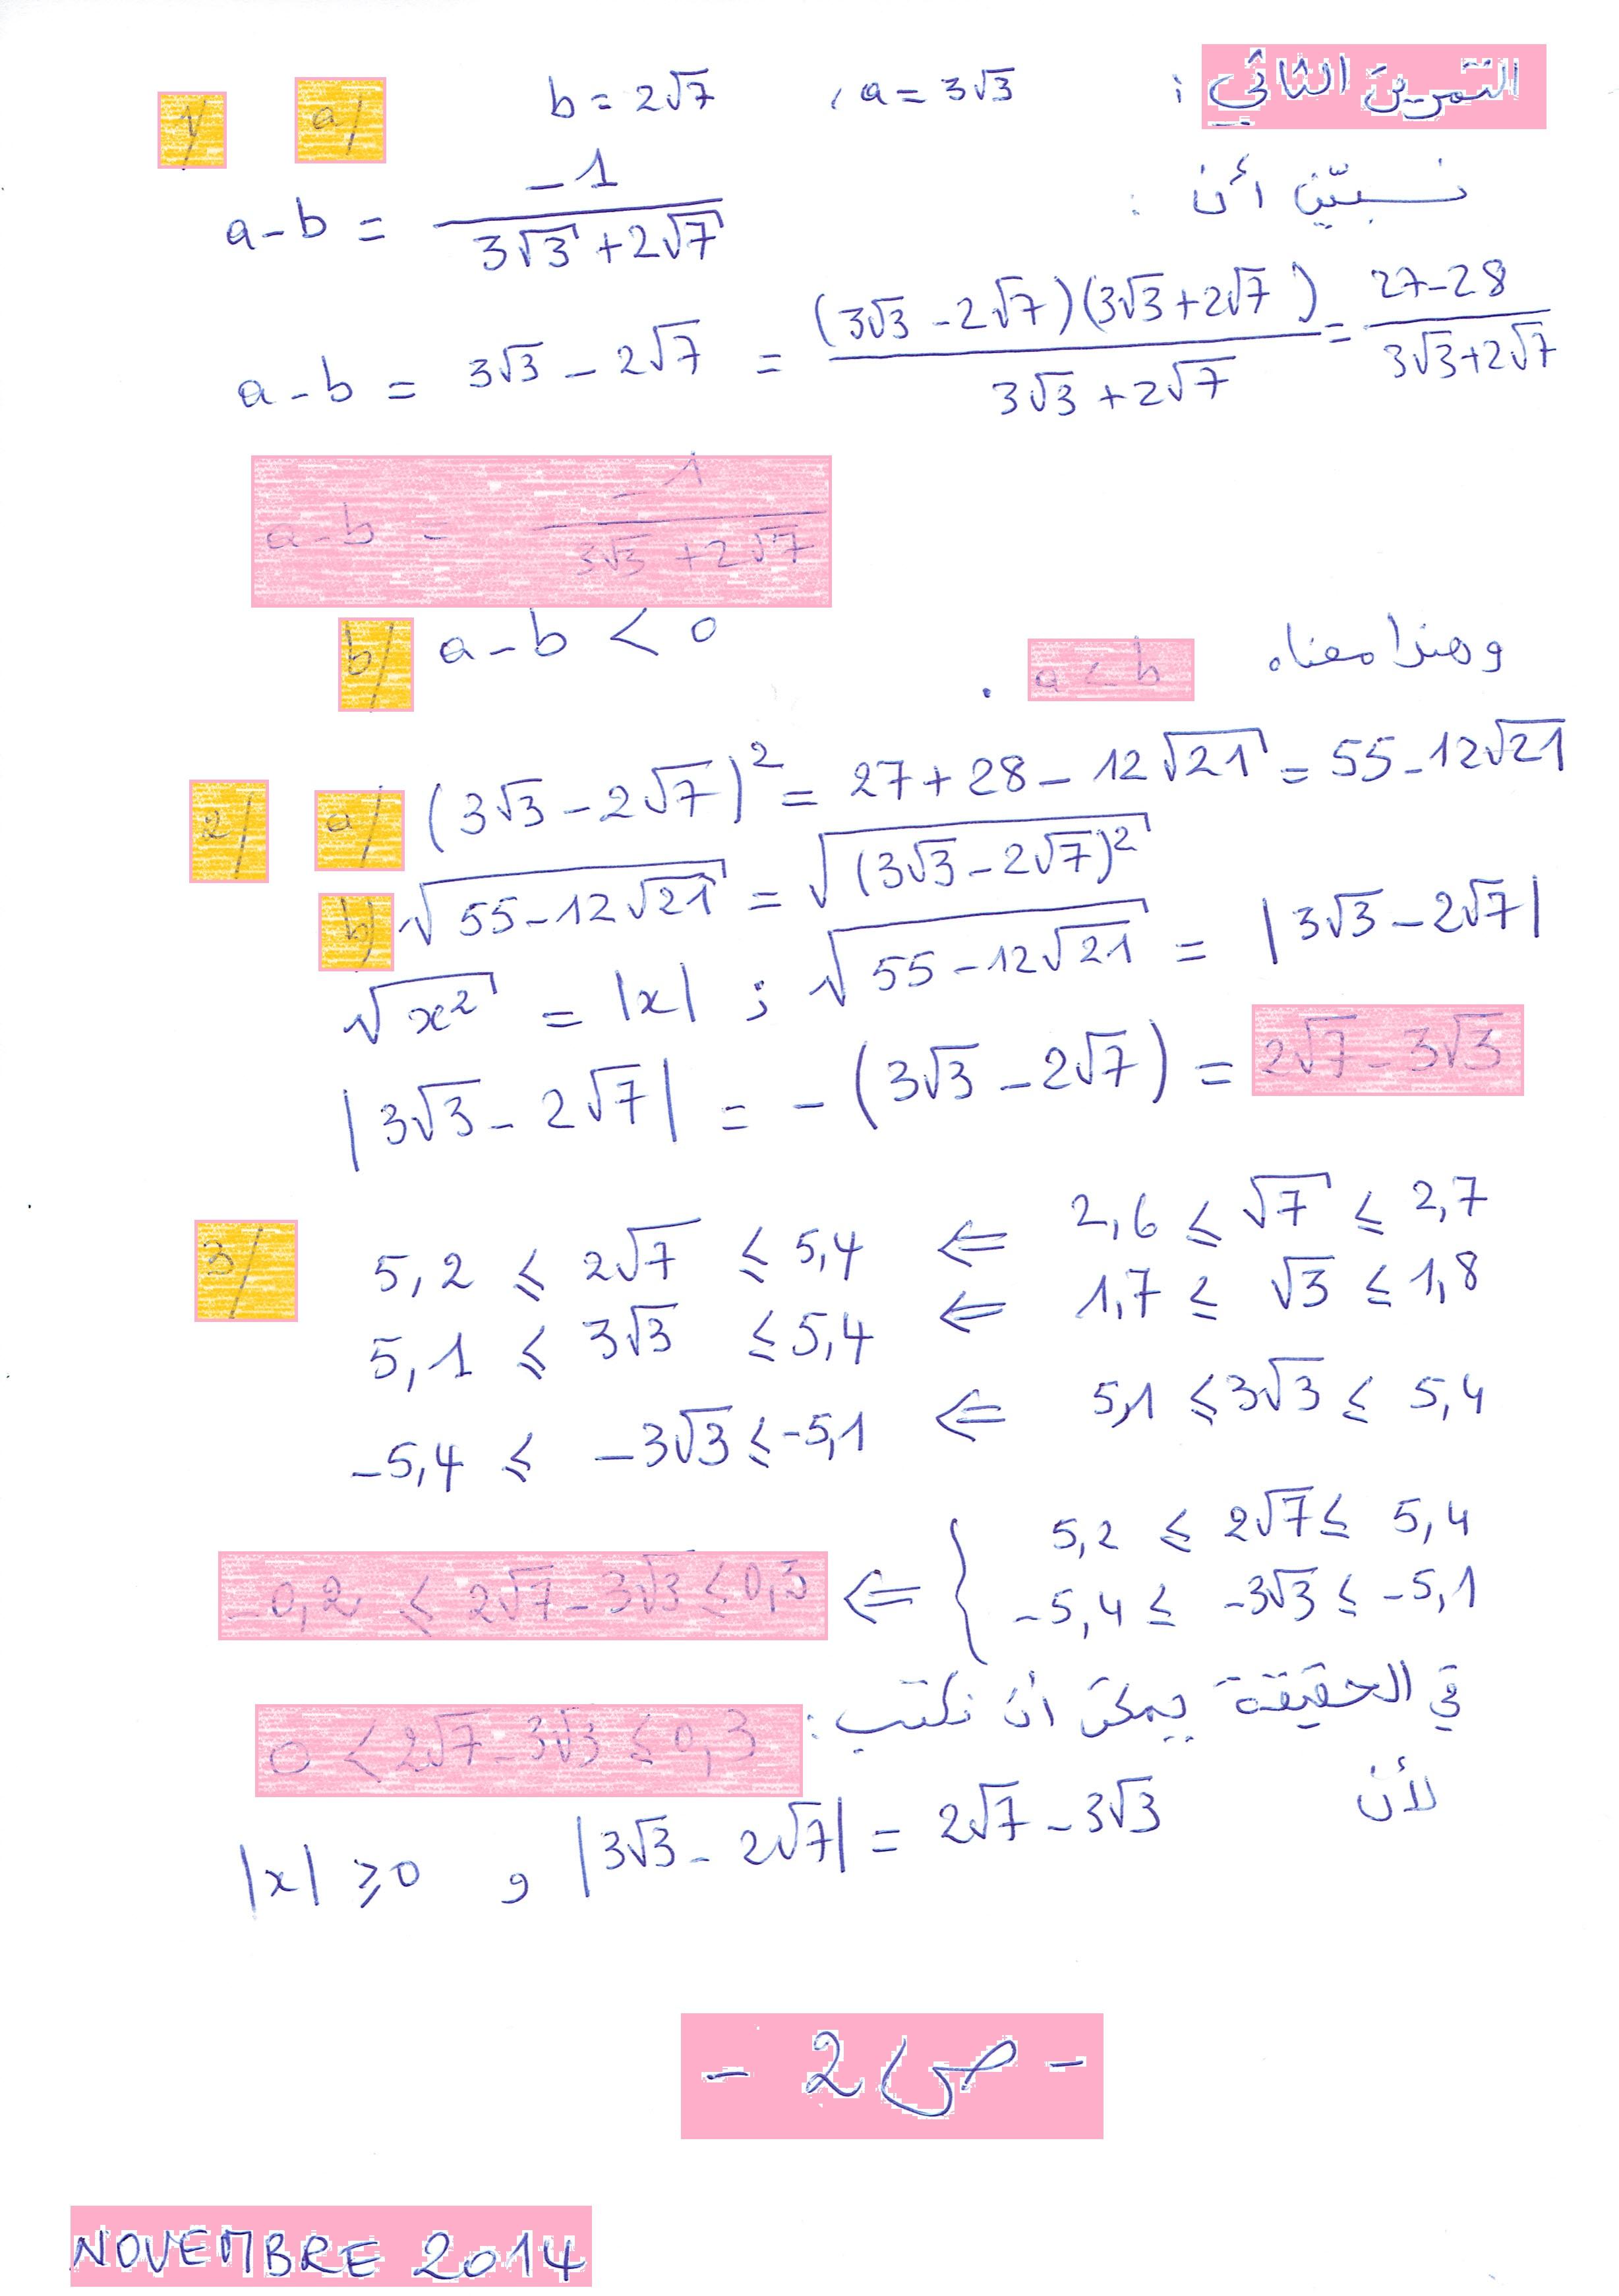 sujets de composition 1er trimestre - Resume De Science 3as Algerie